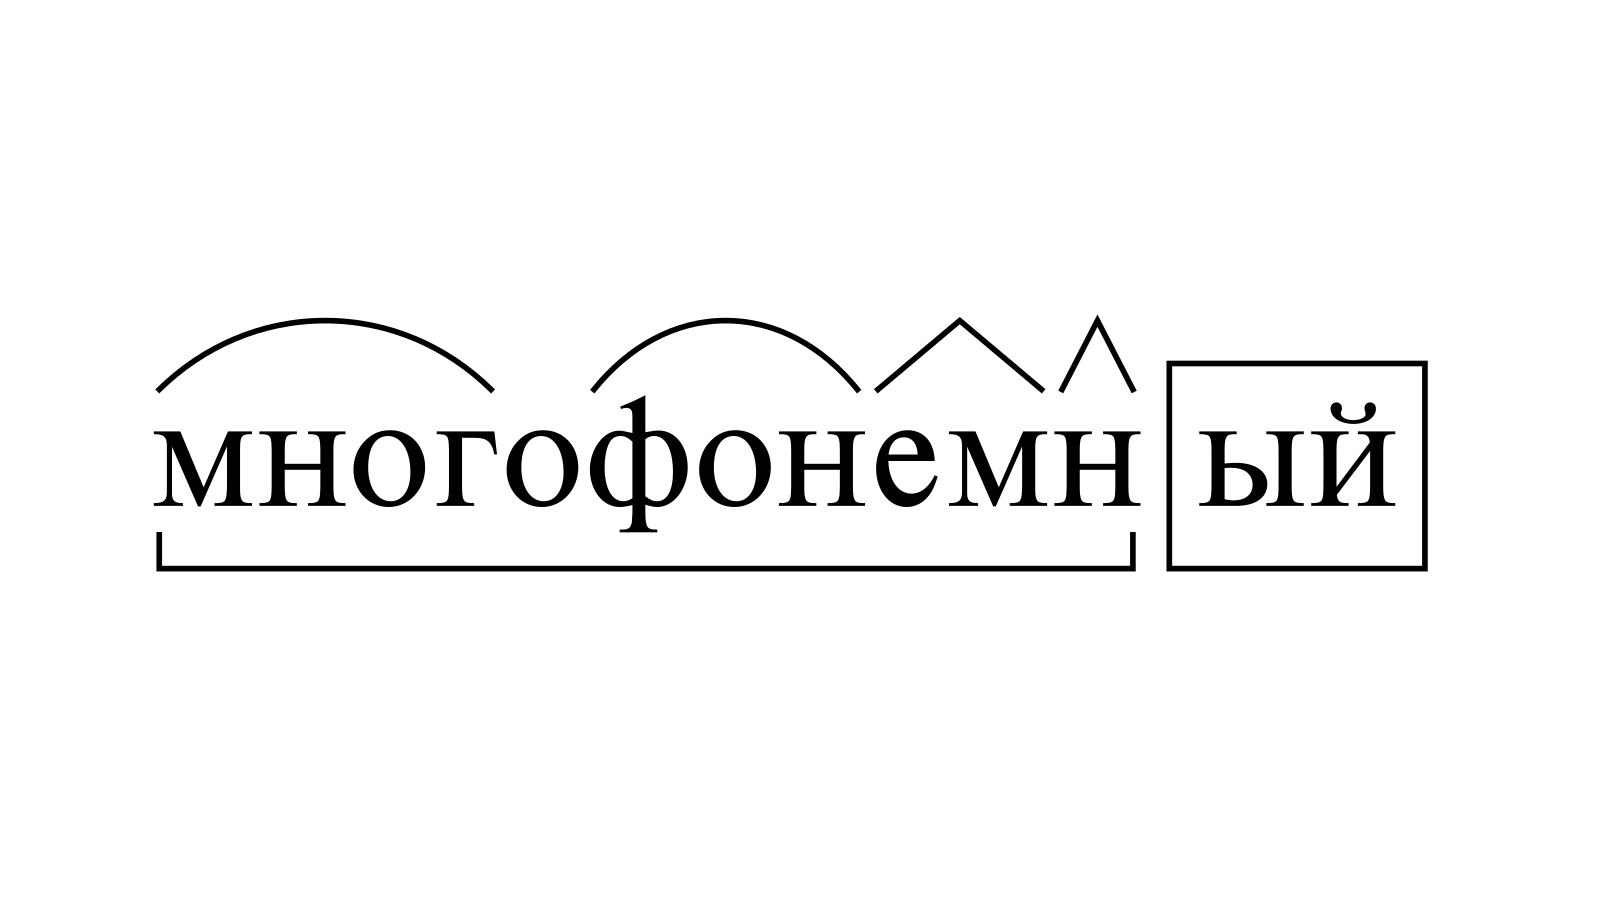 Разбор слова «многофонемный» по составу